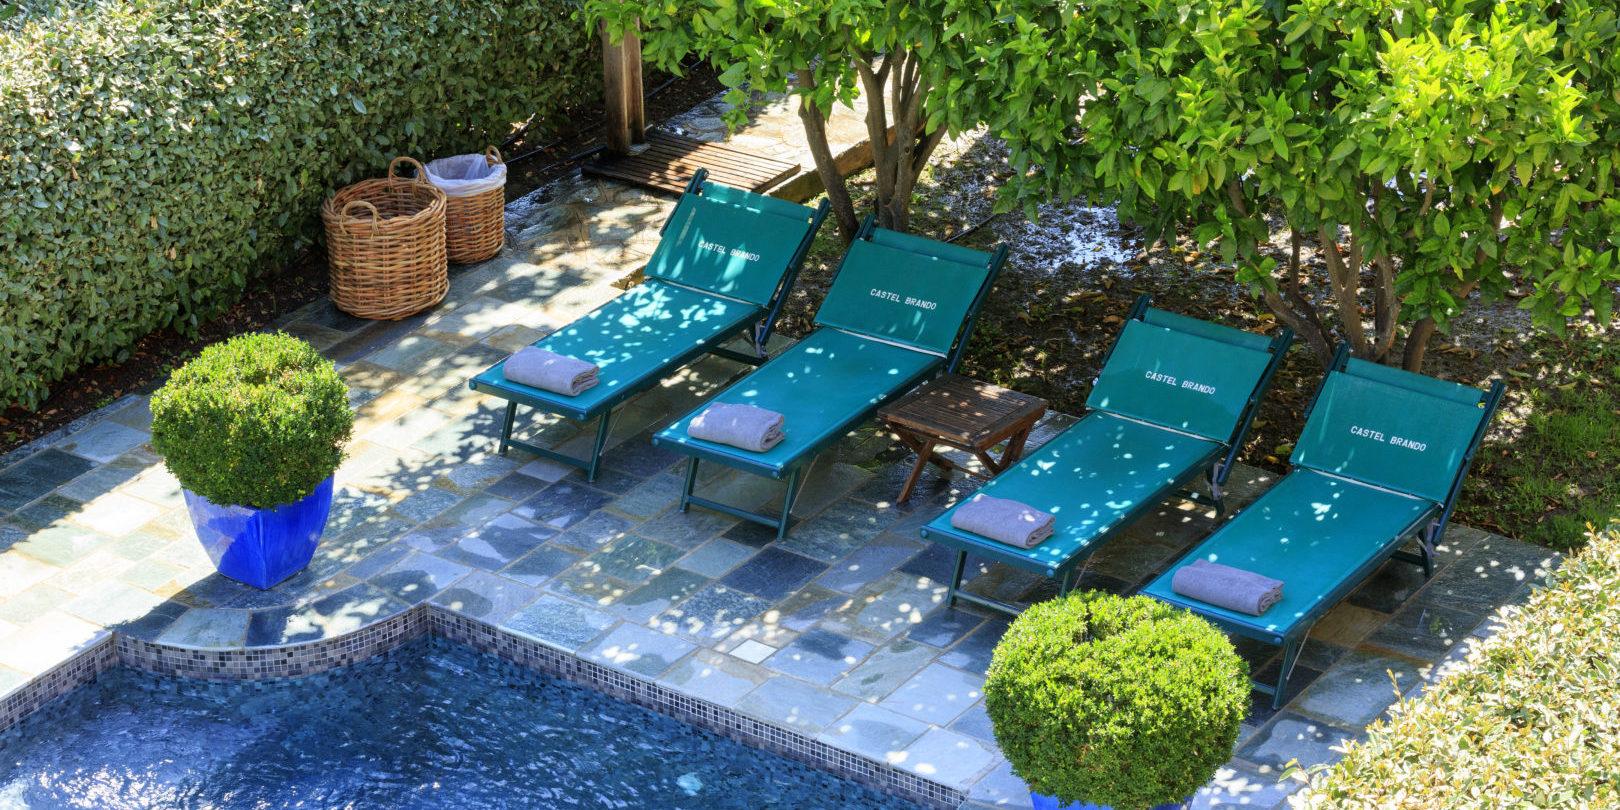 Hotel Demeure Castel Brando Erbalunga Cap Corse Corsica Frankrijk zwembad ligbedden detail tuin ontdekcorsica.nl skimaquis reisorganisatie